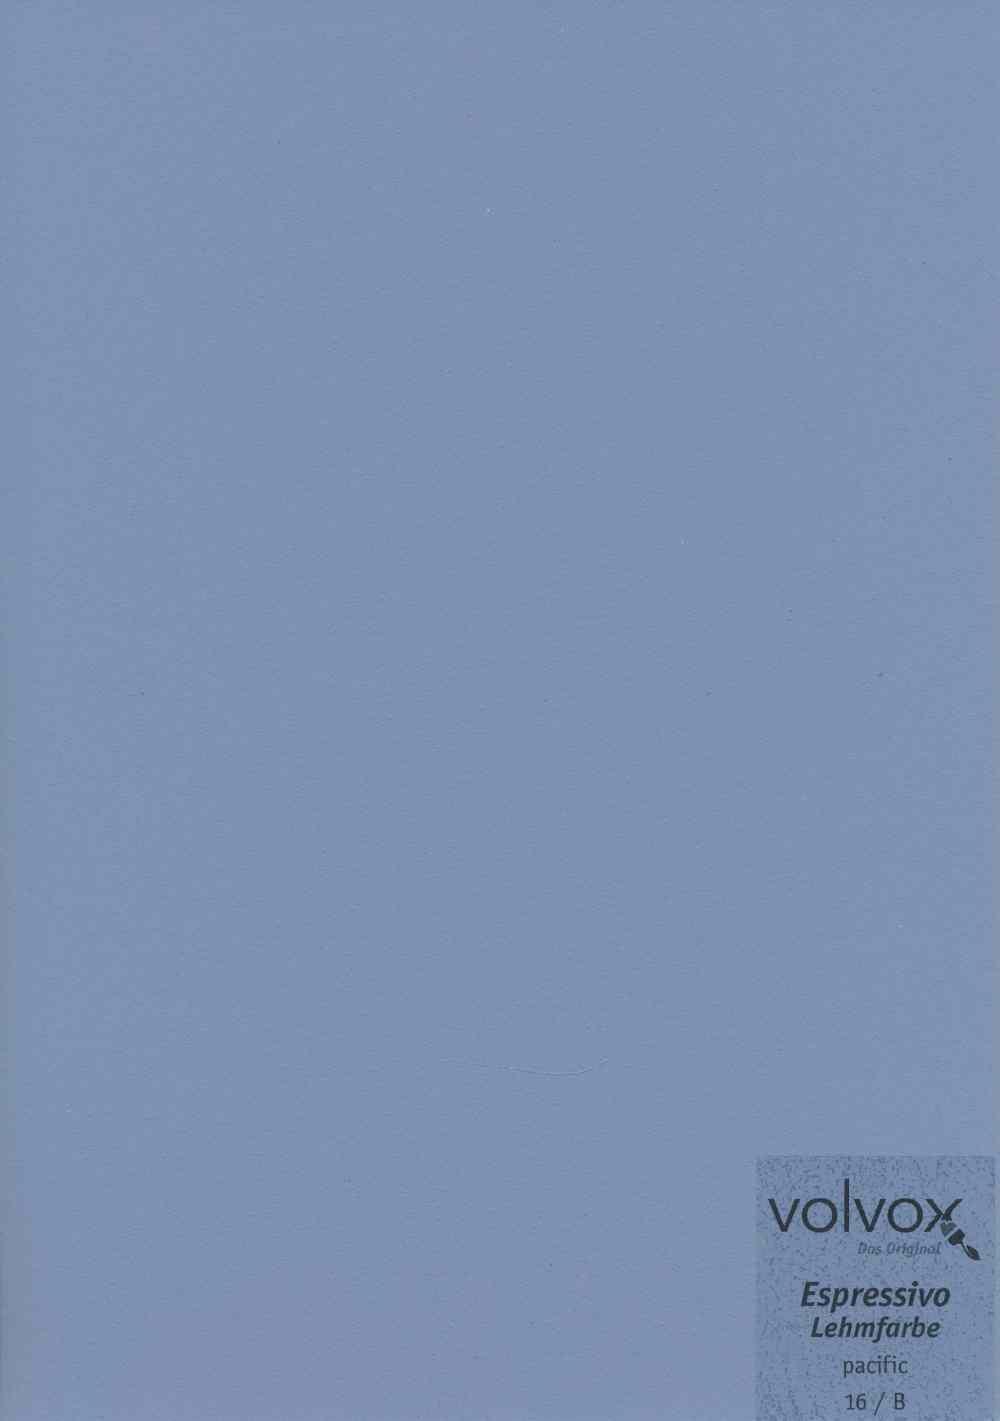 Volvox Espressivo Lehmfarbe 016 pacific